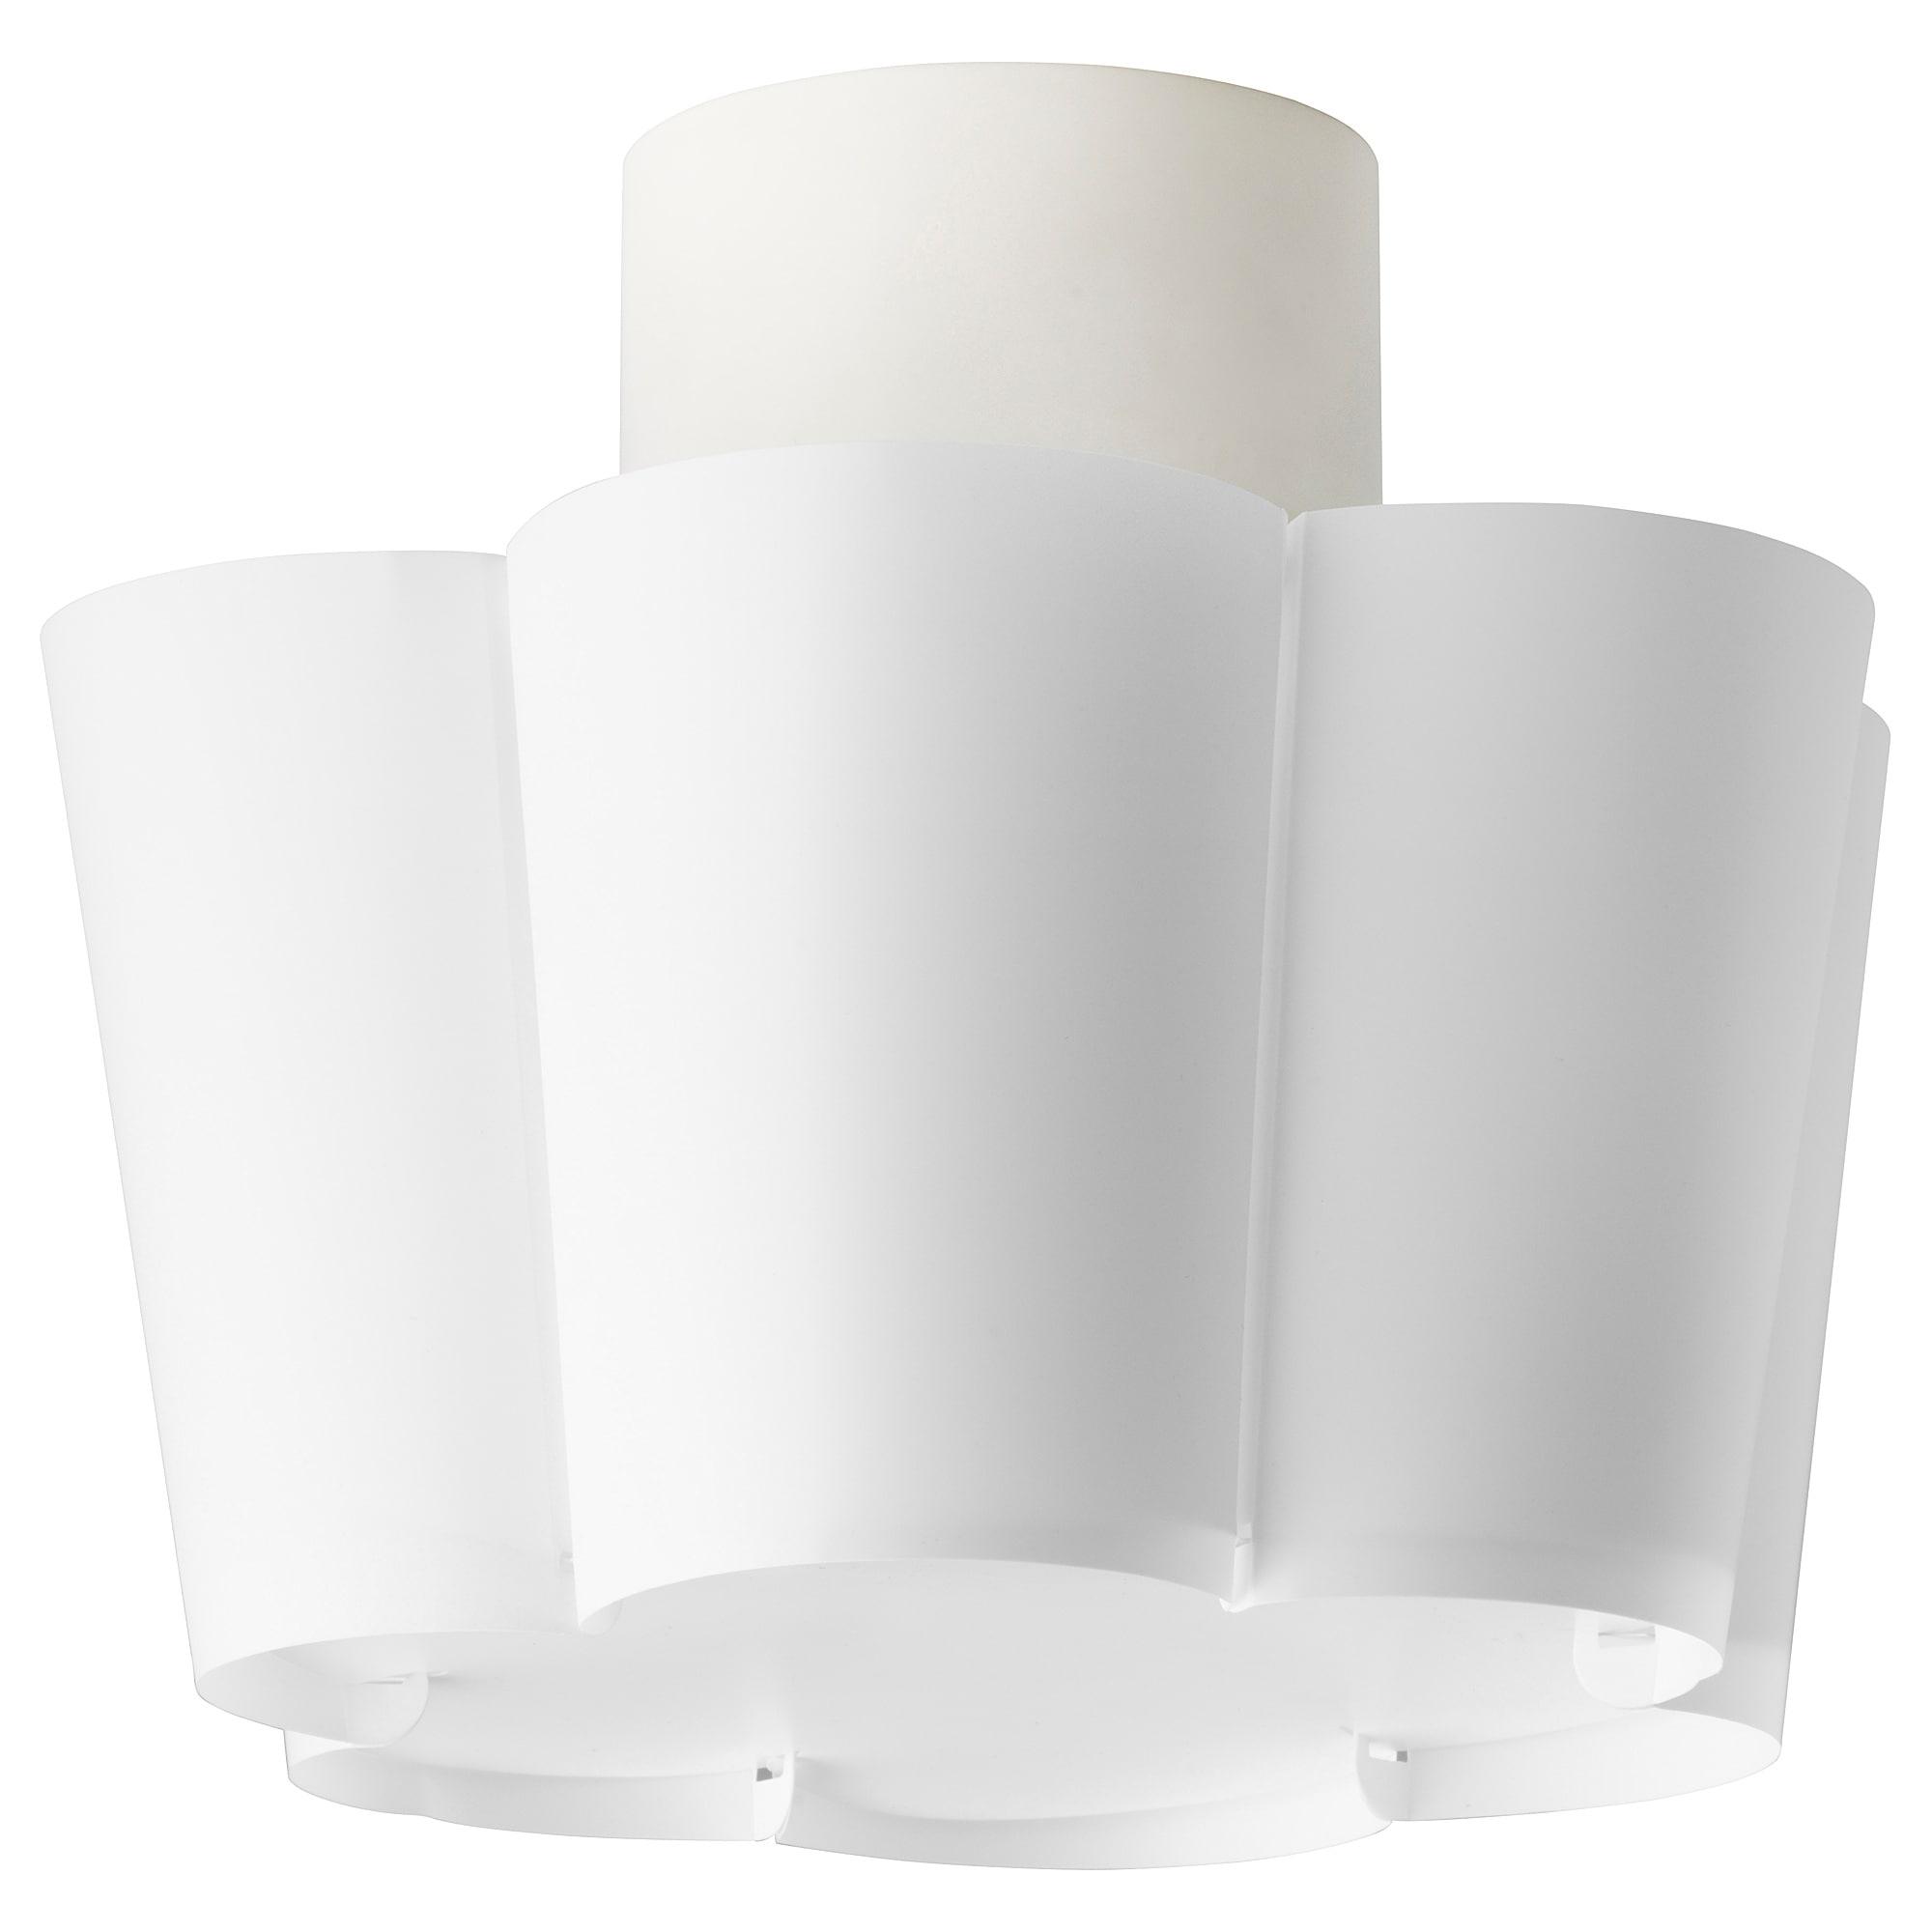 Full Size of Ikea Deckenleuchte Raritt Deckenlampen Wohnzimmer Betten 160x200 Küche Kosten Modern Modulküche Für Miniküche Kaufen Schlafzimmer Deckenlampe Sofa Mit Wohnzimmer Ikea Deckenlampe